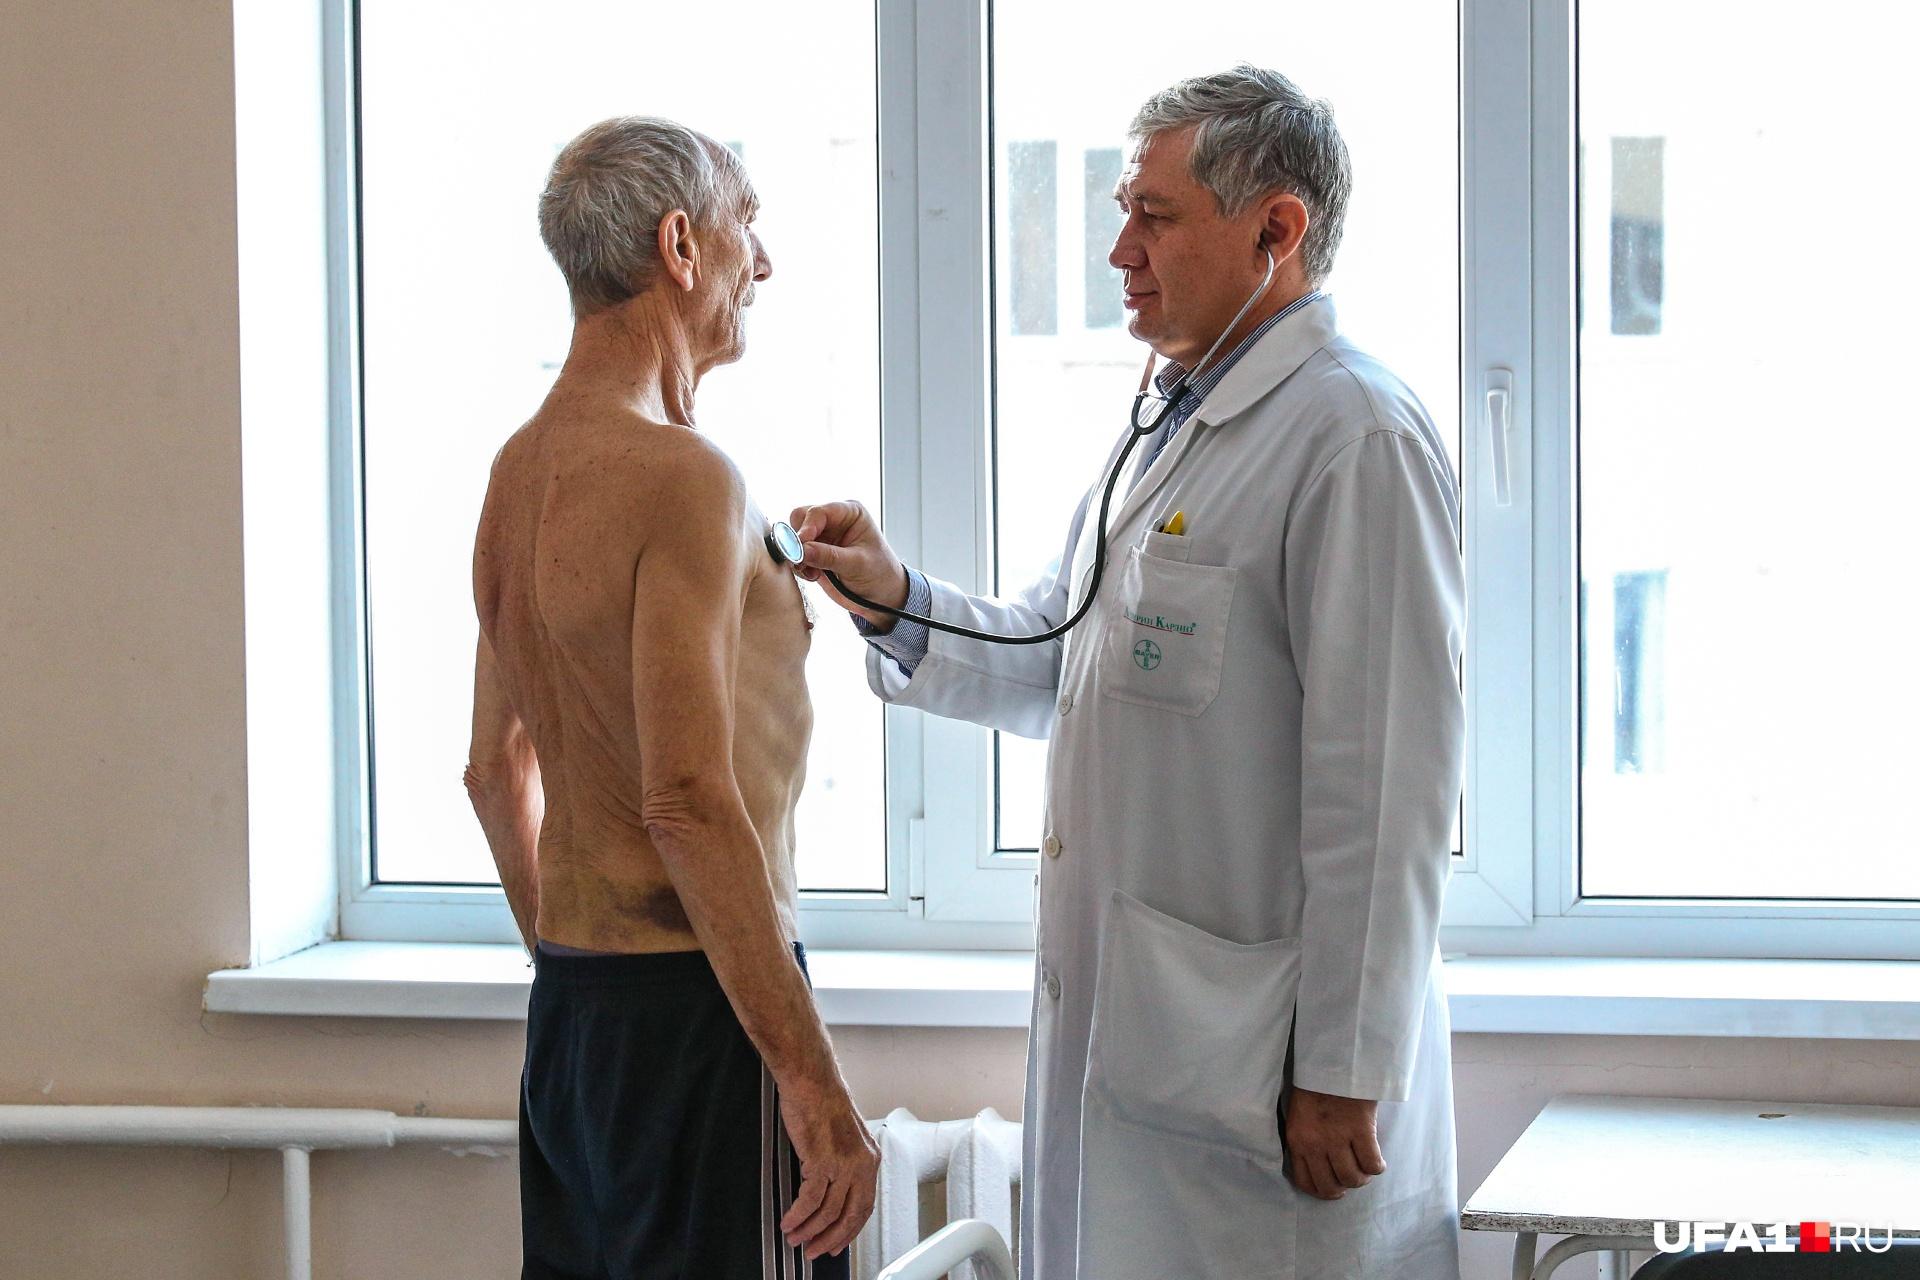 Важно вовремя распознать осложнение простуды и обратиться к врачу